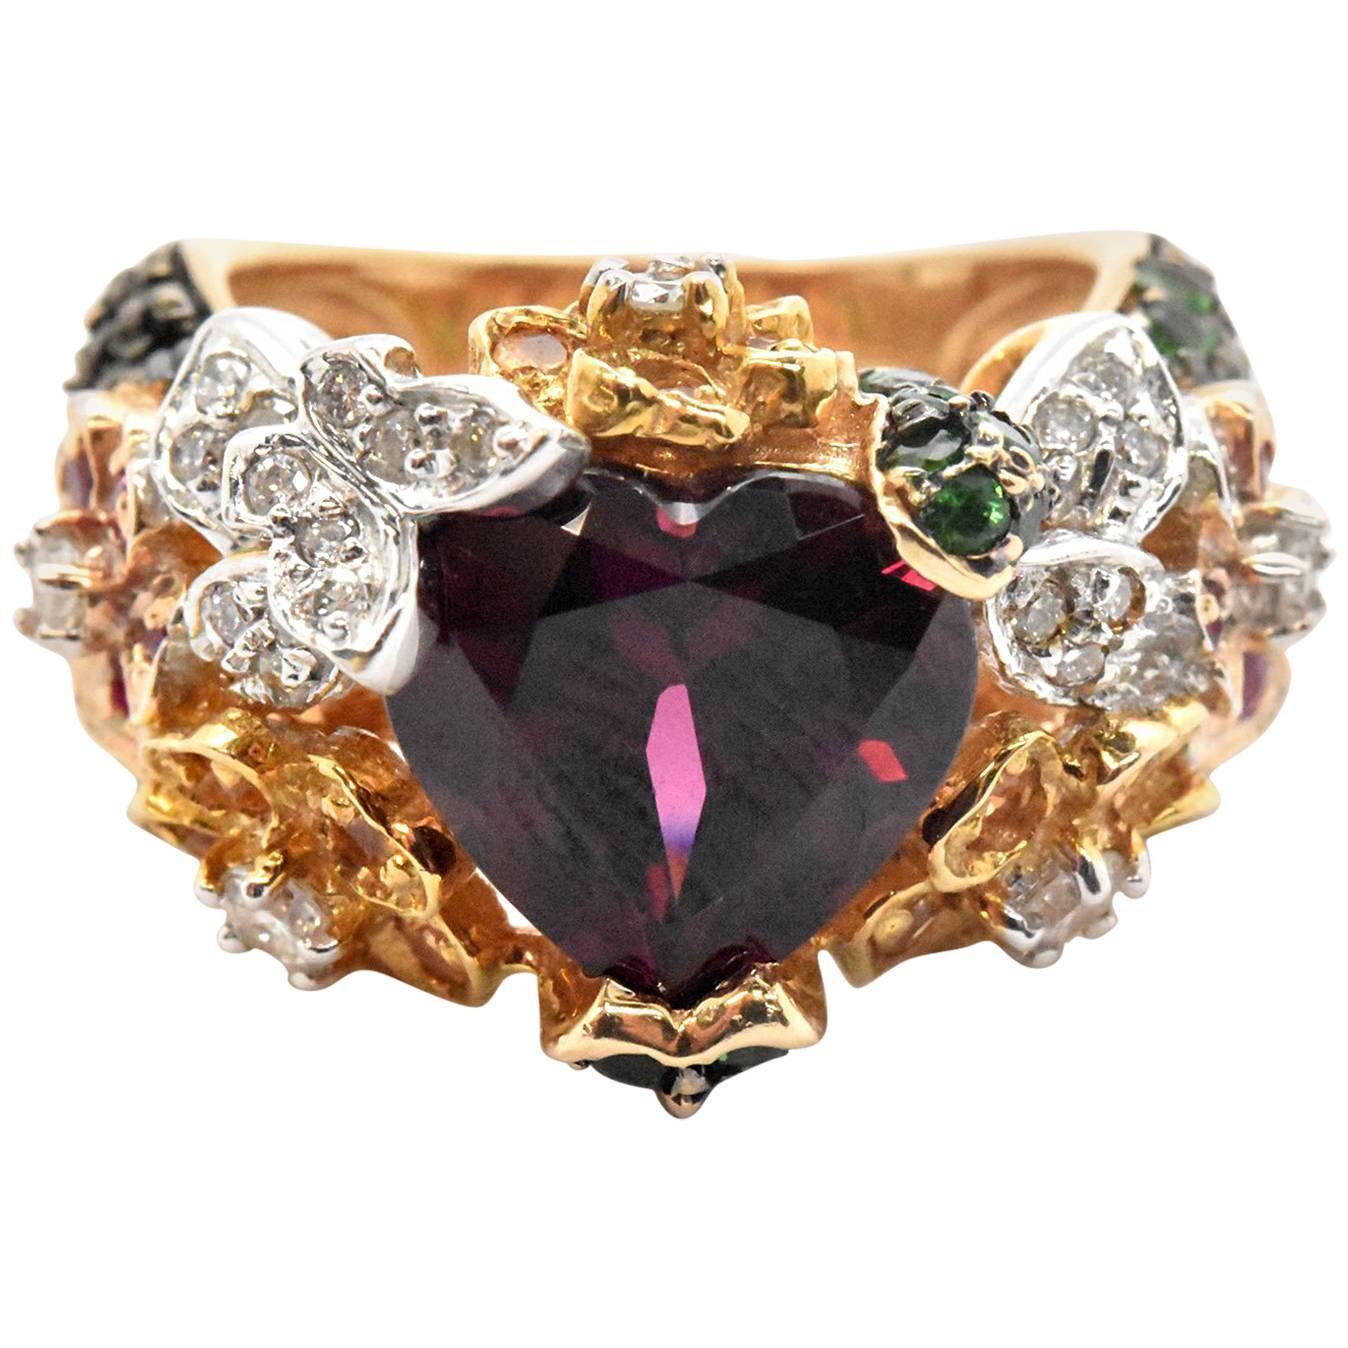 Snake Bones Butterfly Diamond Ring With Blue Topaz - UK J 1/2 - US 5 - EU 49 3/4 u2Wvvd8